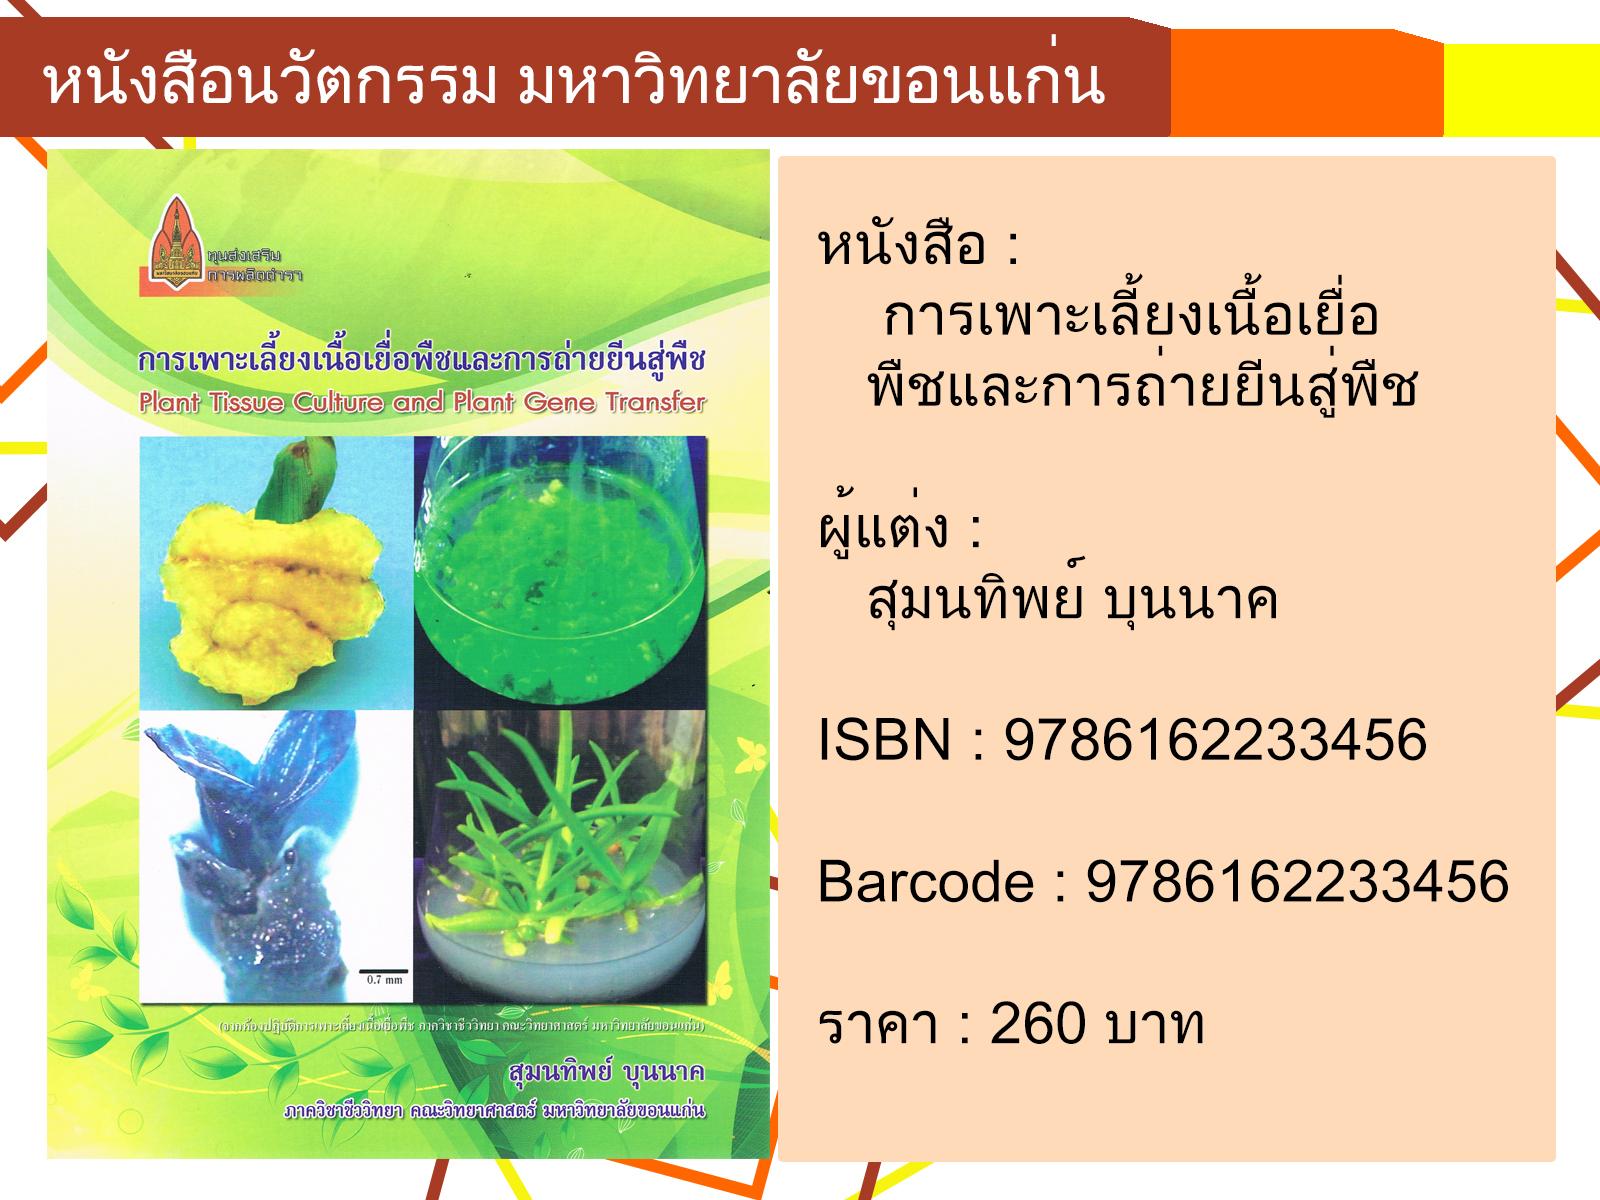 (Pre-Order) การเพาะเลี้ยงเนื้อเยื่อพืชและการถ่ายยีนสู่พืช